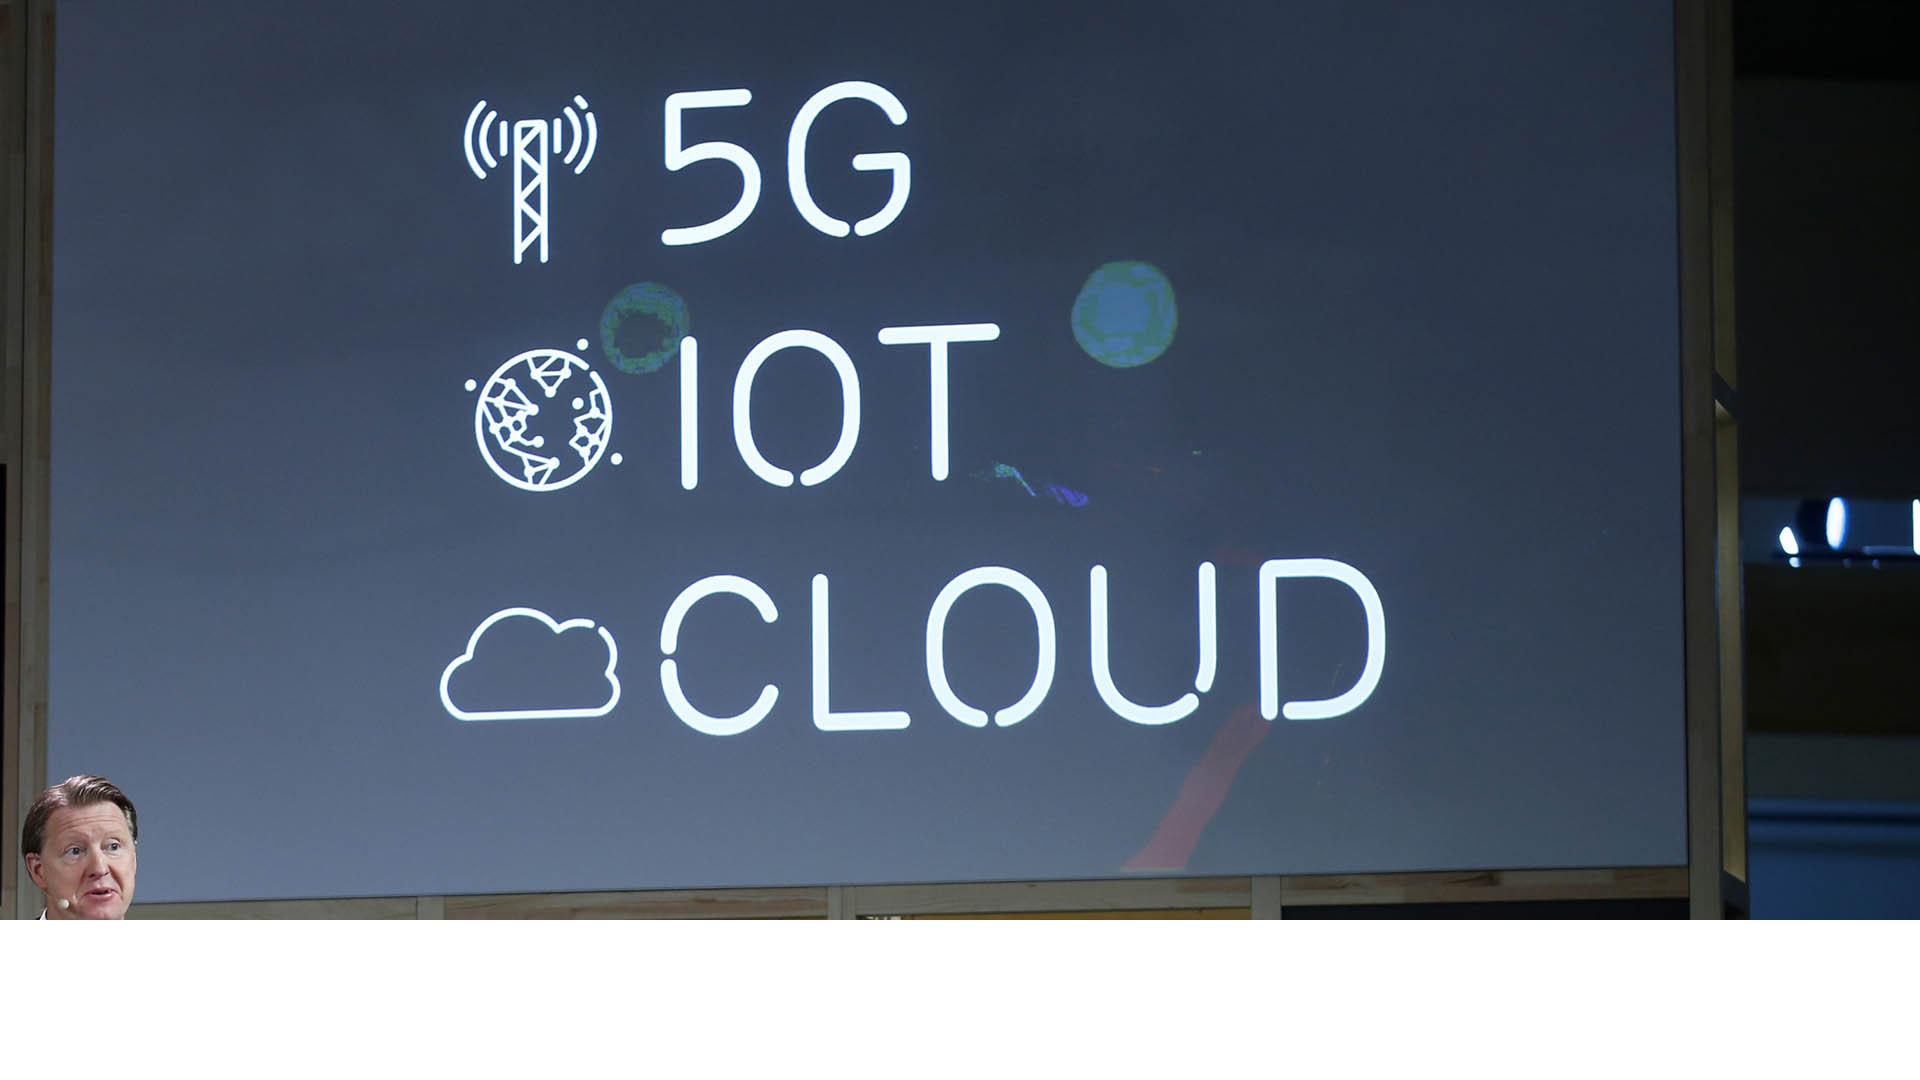 El fabricante de redes telefónicas adoptará los servicios en nube de almacenaje del gigante del comercio electrónico